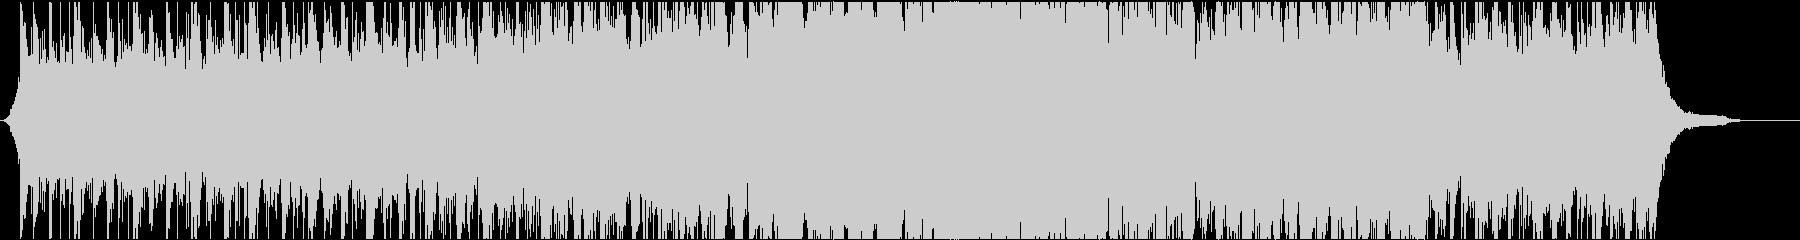 映像向け 爽やかなオーケストラ 壮大の未再生の波形